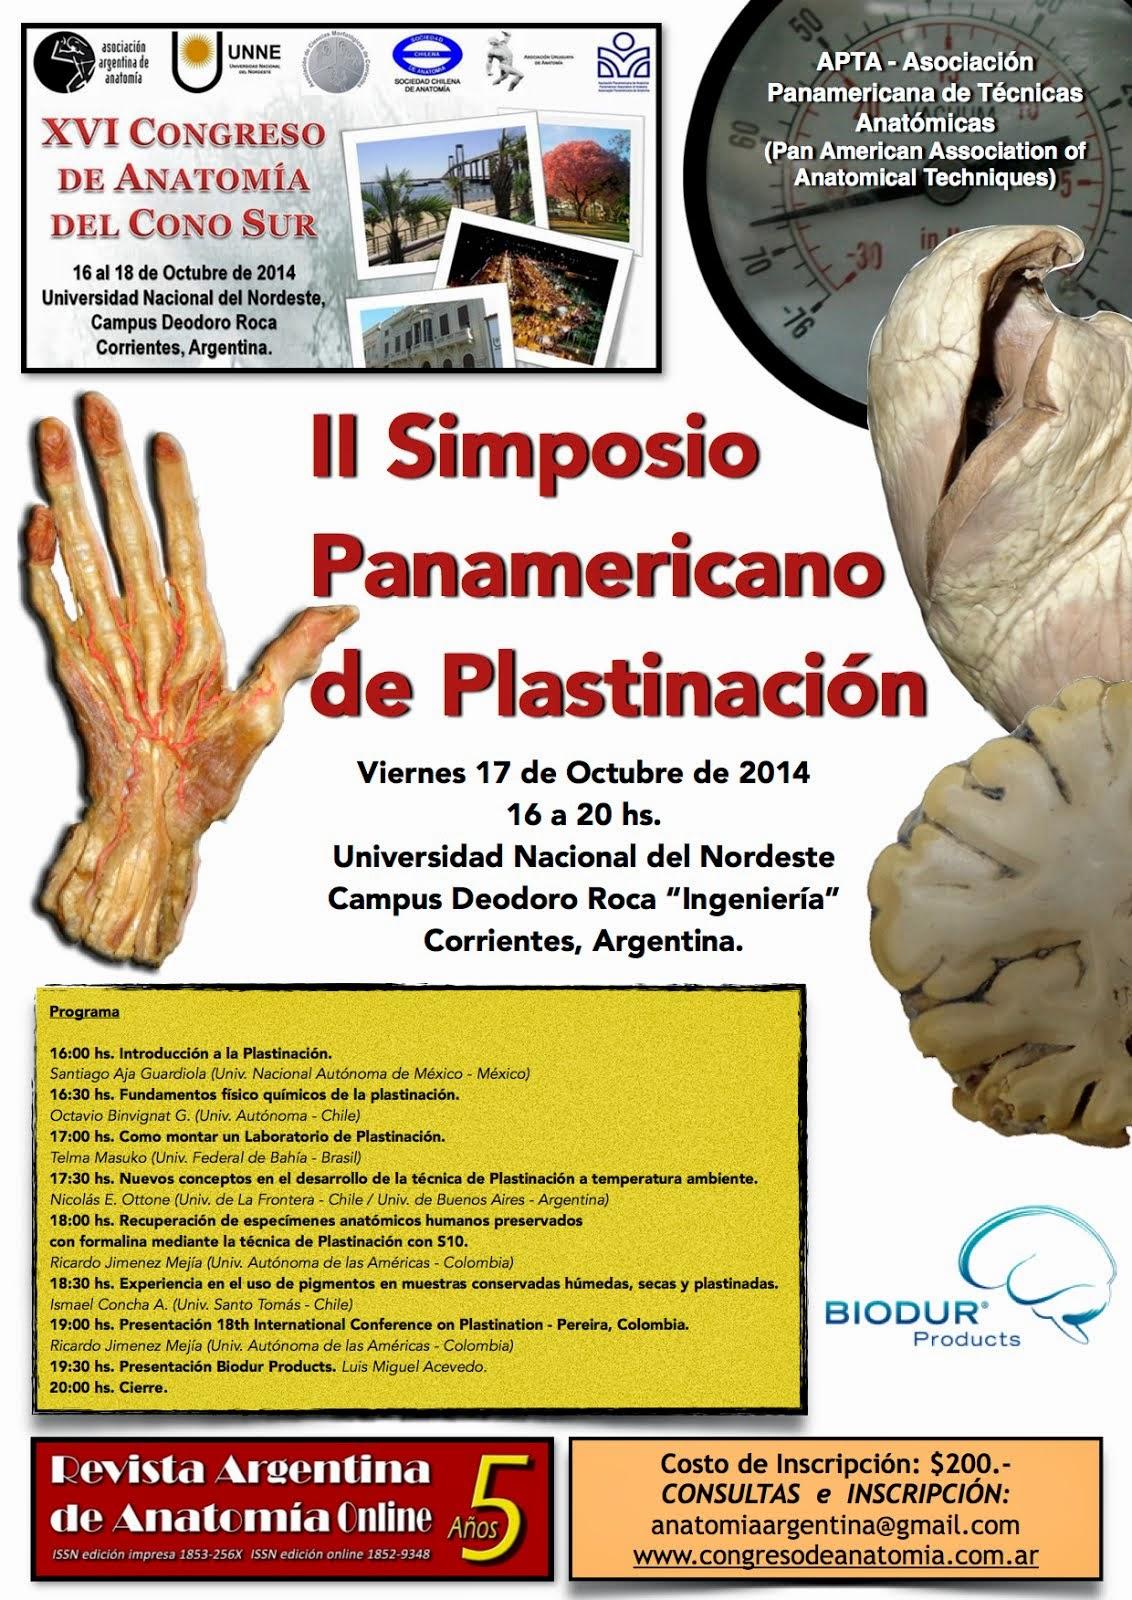 II Simposio Panamericano de Plastinación